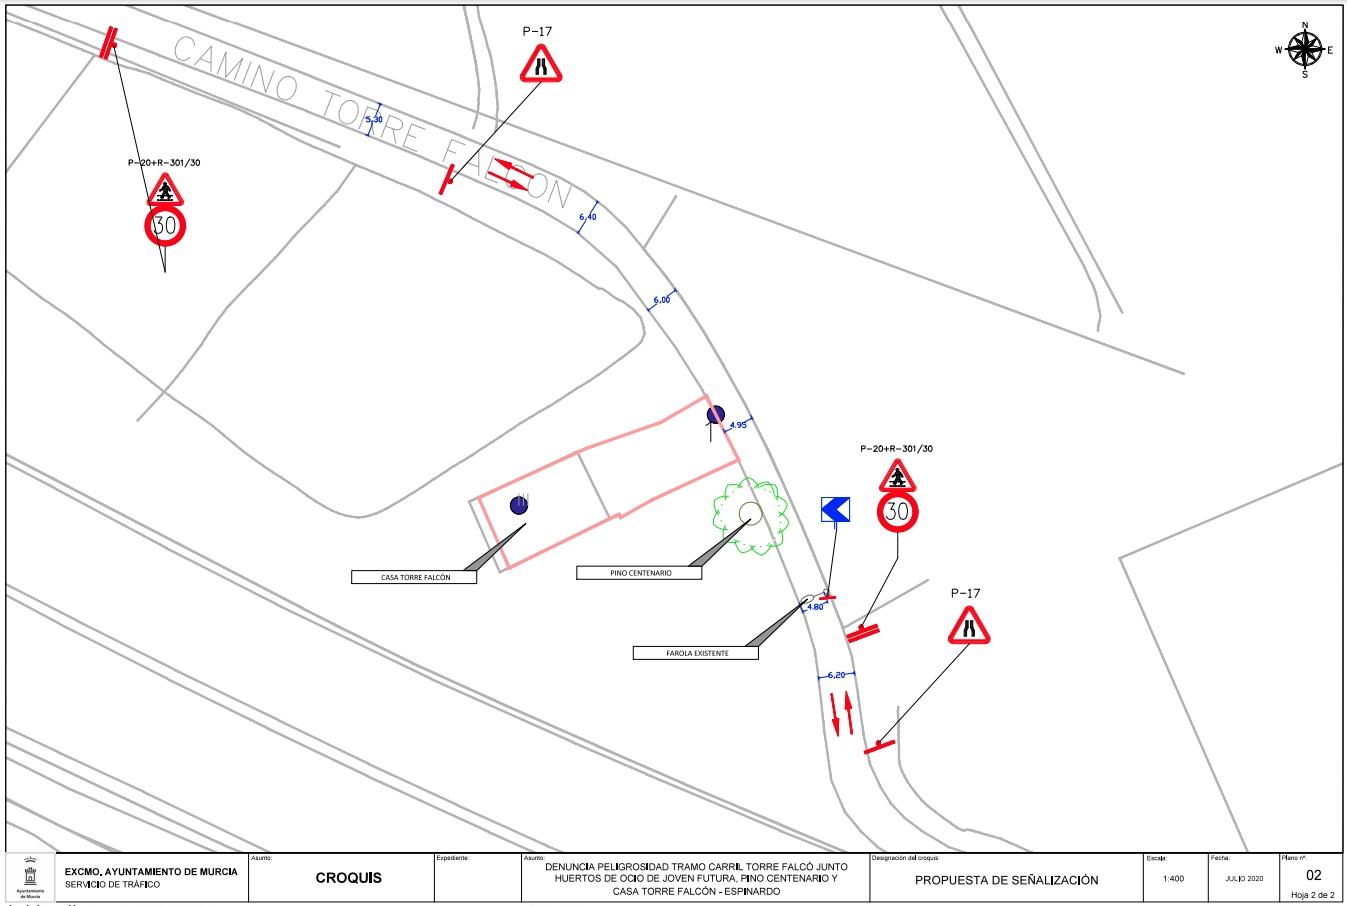 210413 - Decreto - Plano solución peligrosidad Carril Torre Falcón - Joven Futura